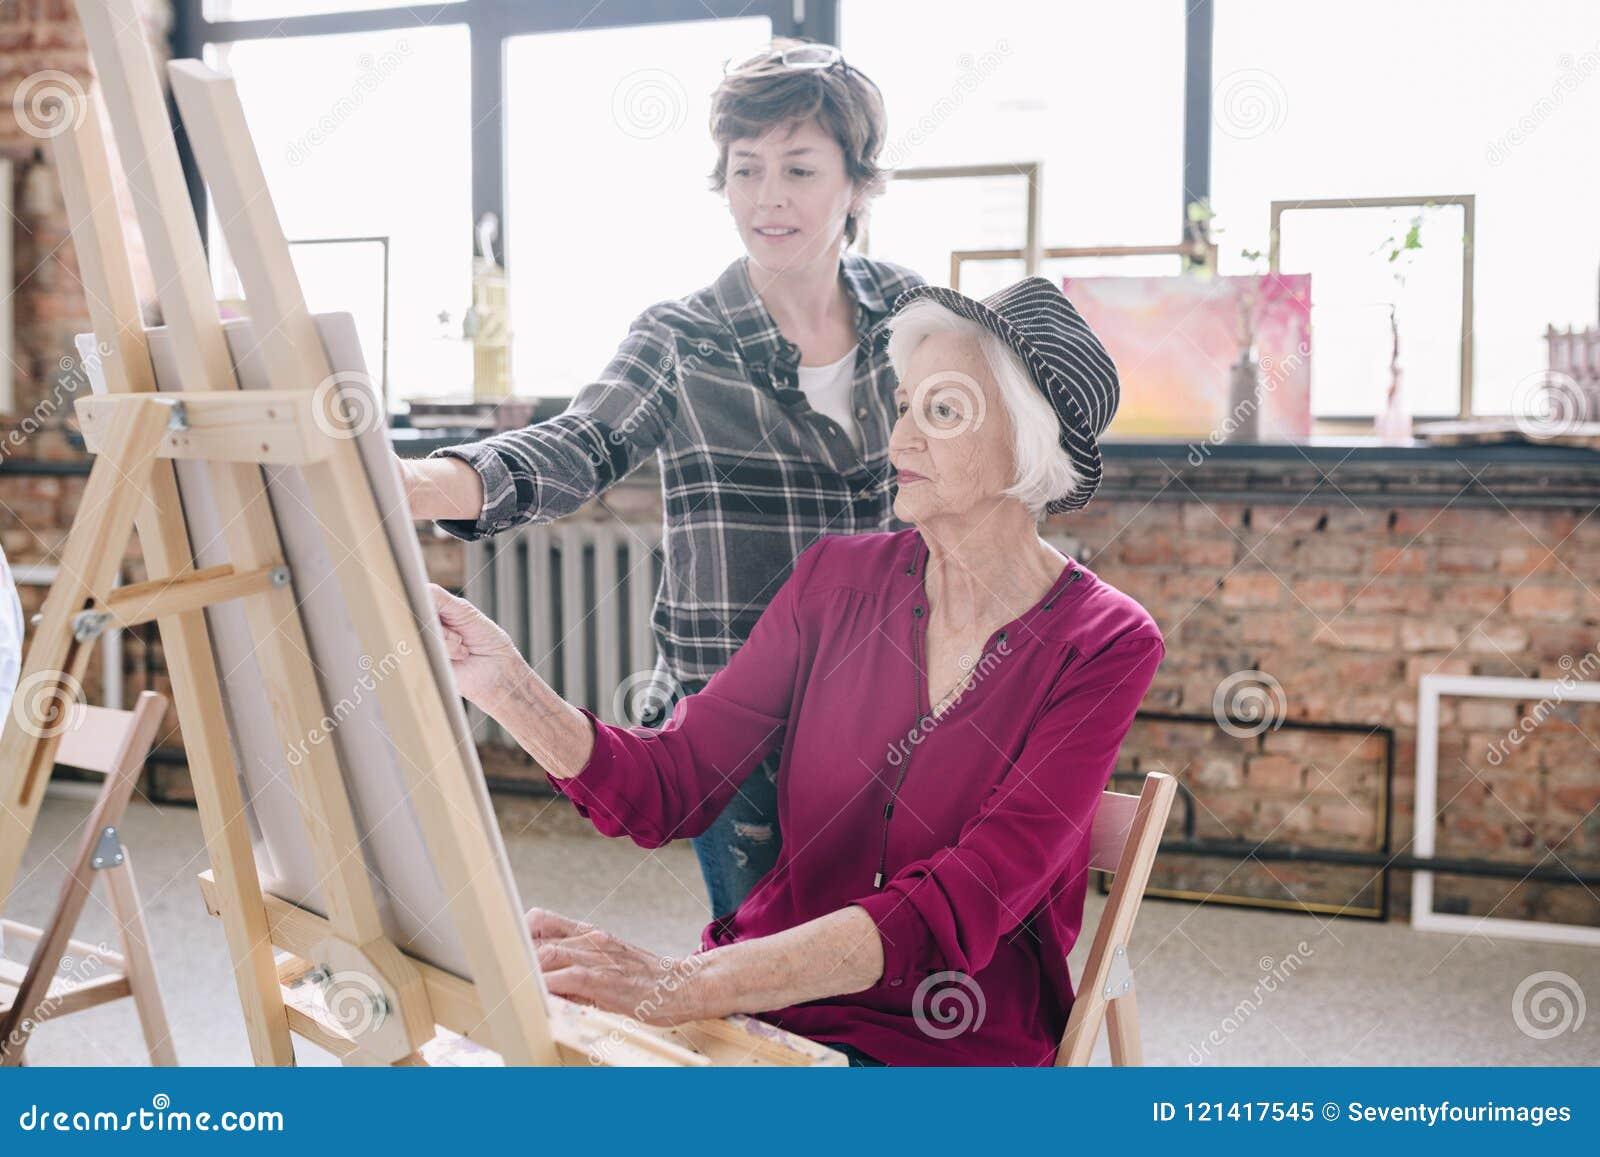 For that Women posing for art classes